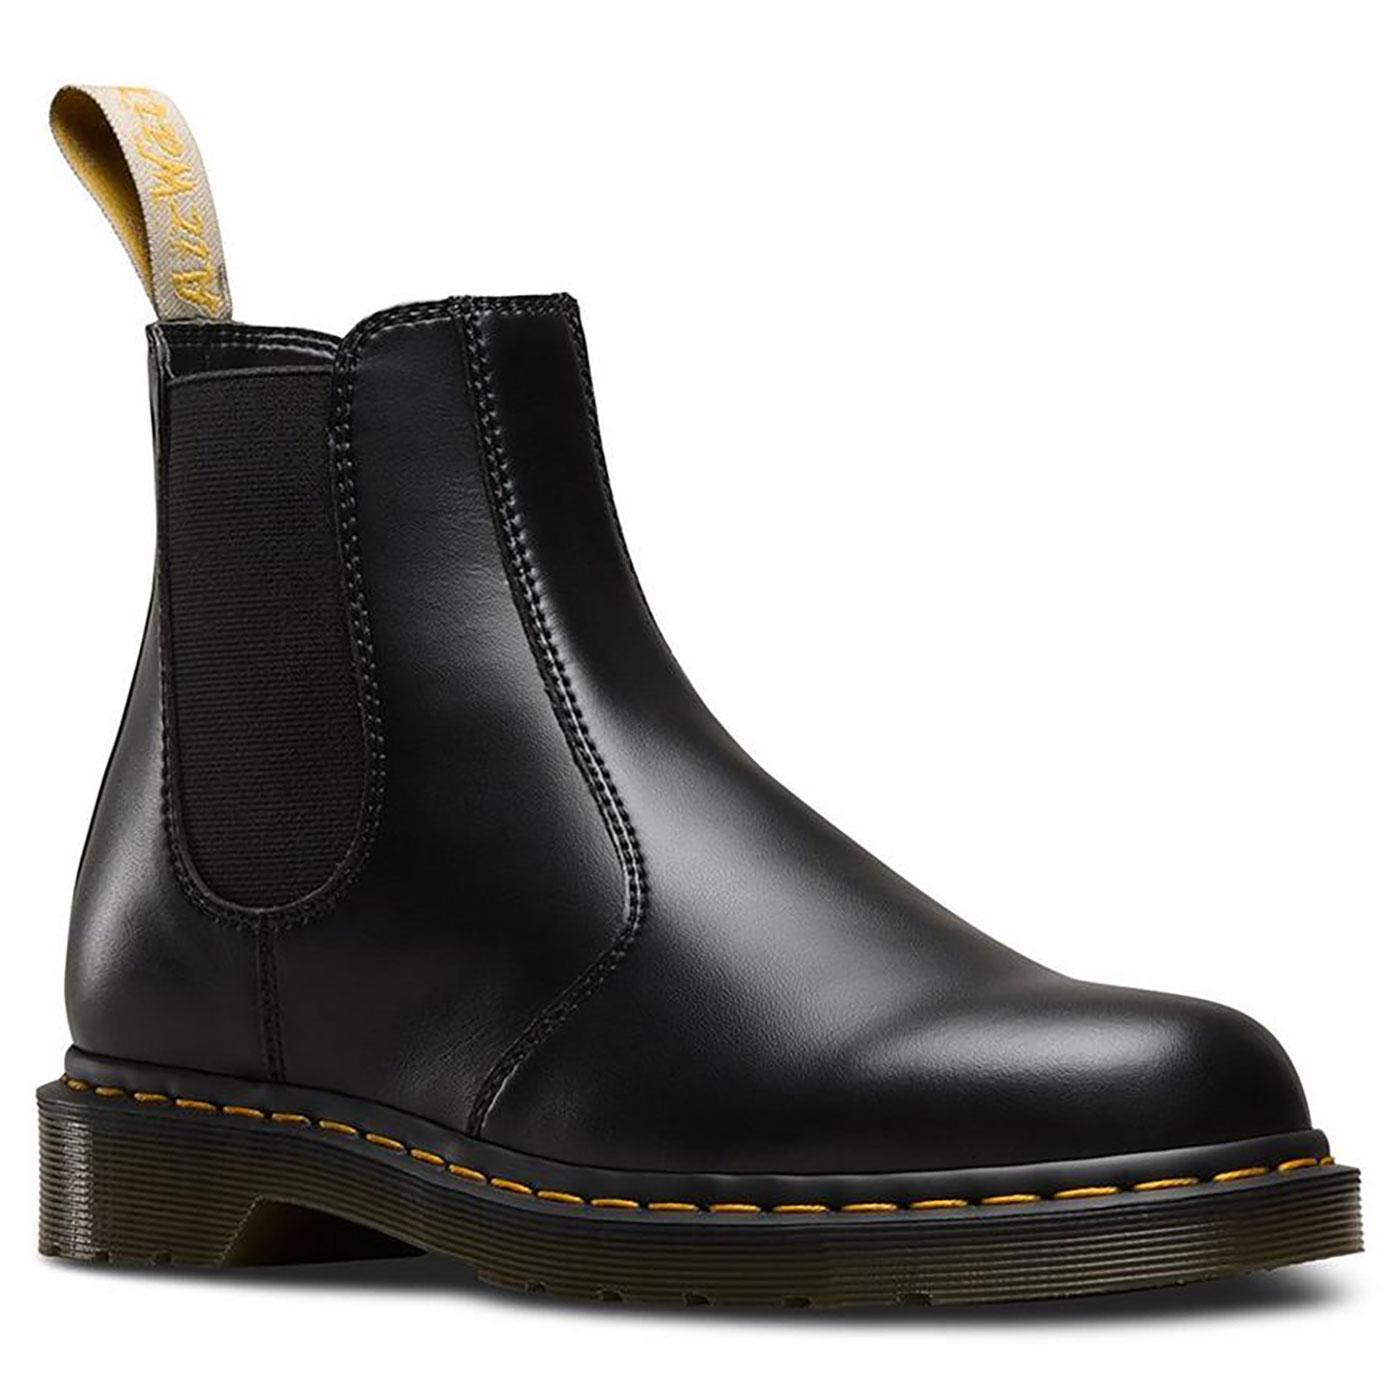 Vegan 2976 DR MARTENS Felix Rub Off Chelsea Boots